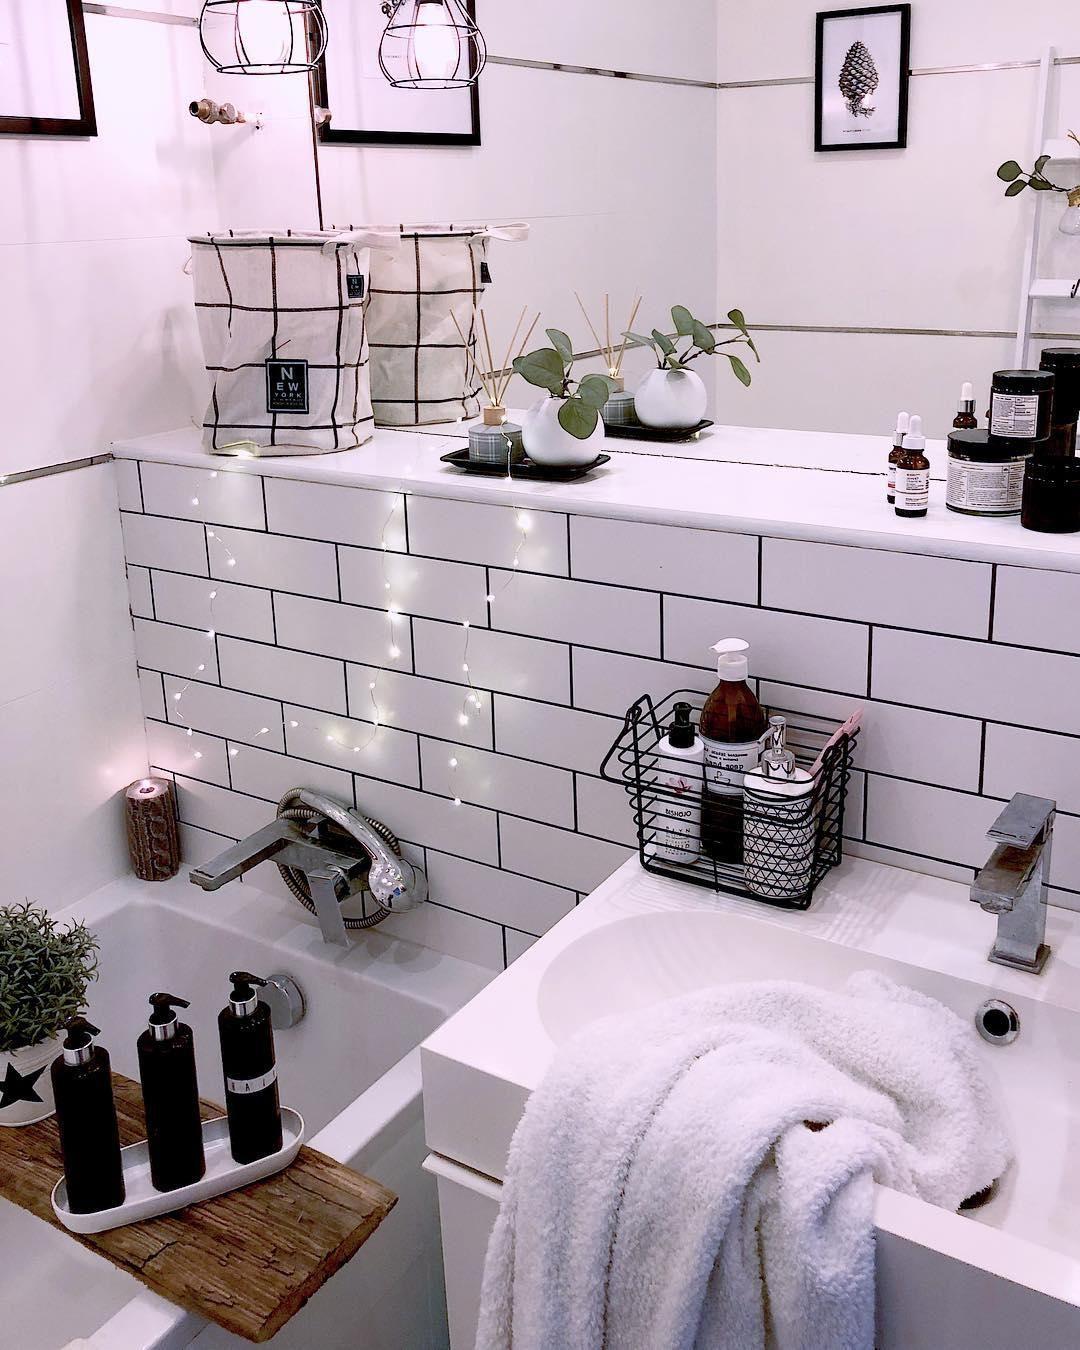 Home Spa Relaxen Im Eigenen Bad In Einem Behaglichen Wohlfuhlbadezimmer Lasst Es Sich Wunderbar Entspan Bad Einrichten Badezimmerideen Badezimmer Inspiration